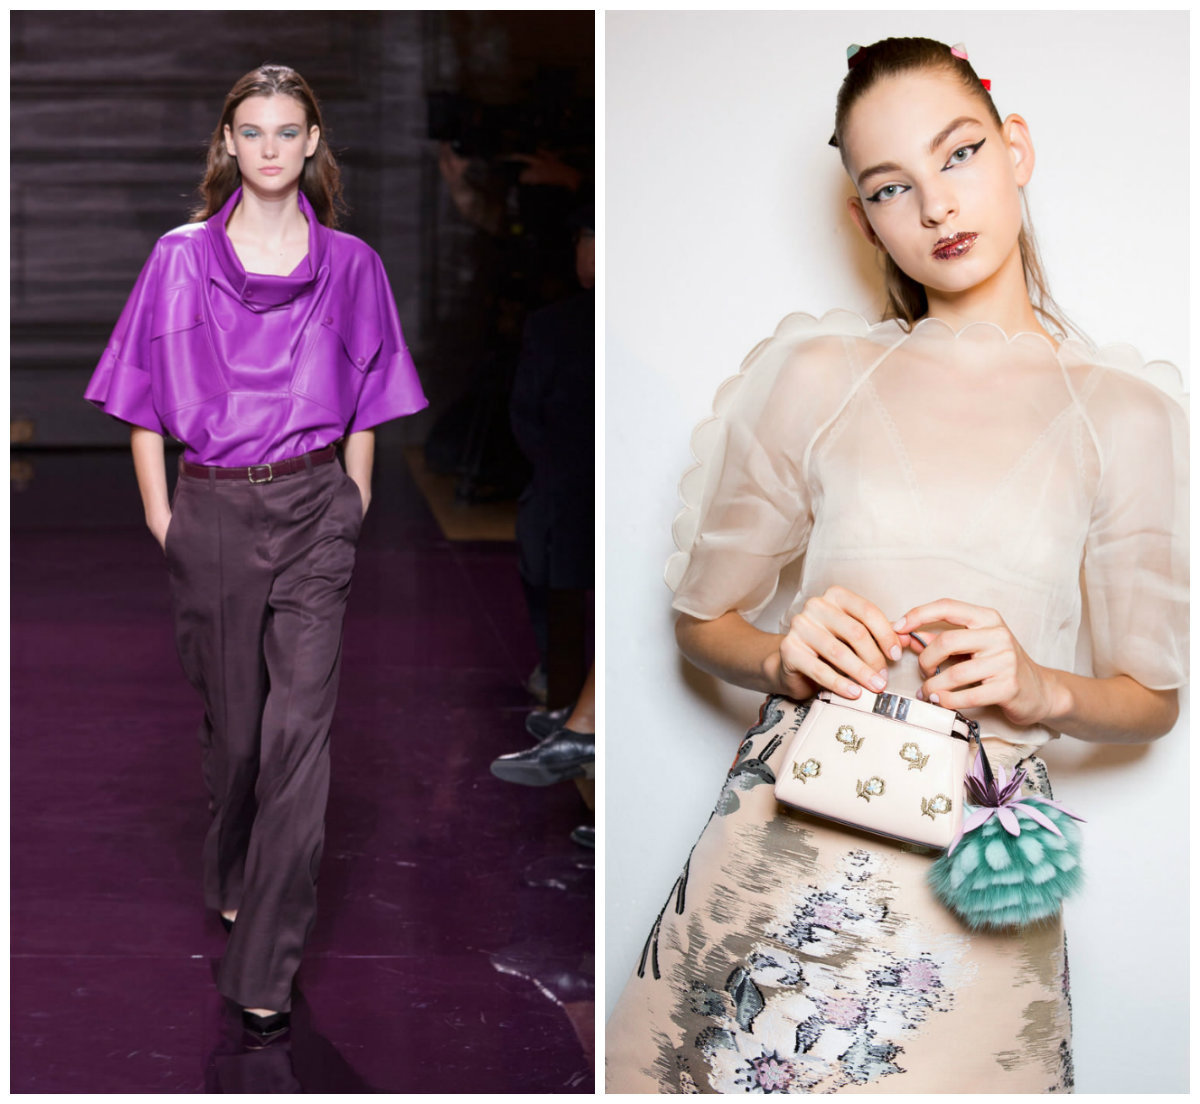 Женские-блузки-2019-романтика-Фото-Модные блузки 2019 женские-Женские блузки 2019